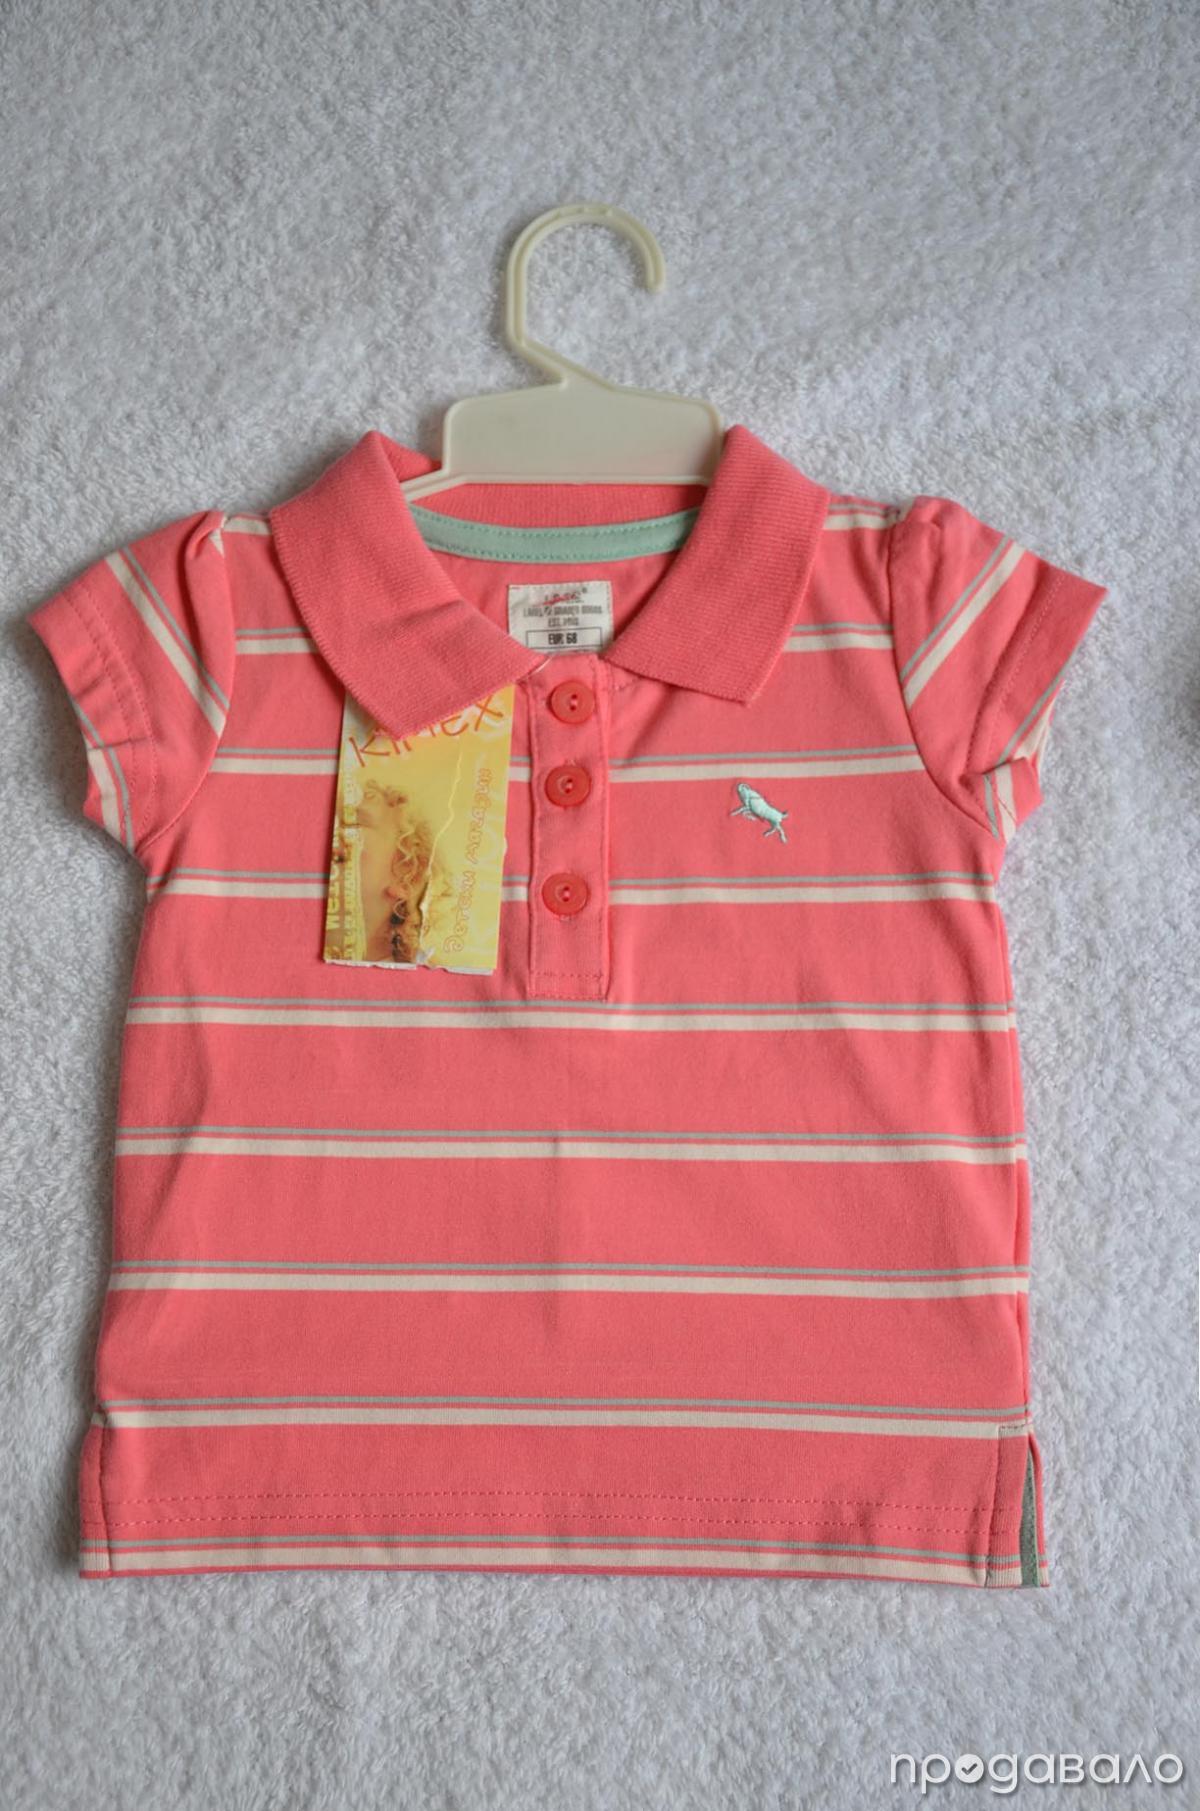 Бебешки лот / бебешки сет / бебешки дрехиръст до 68 см.